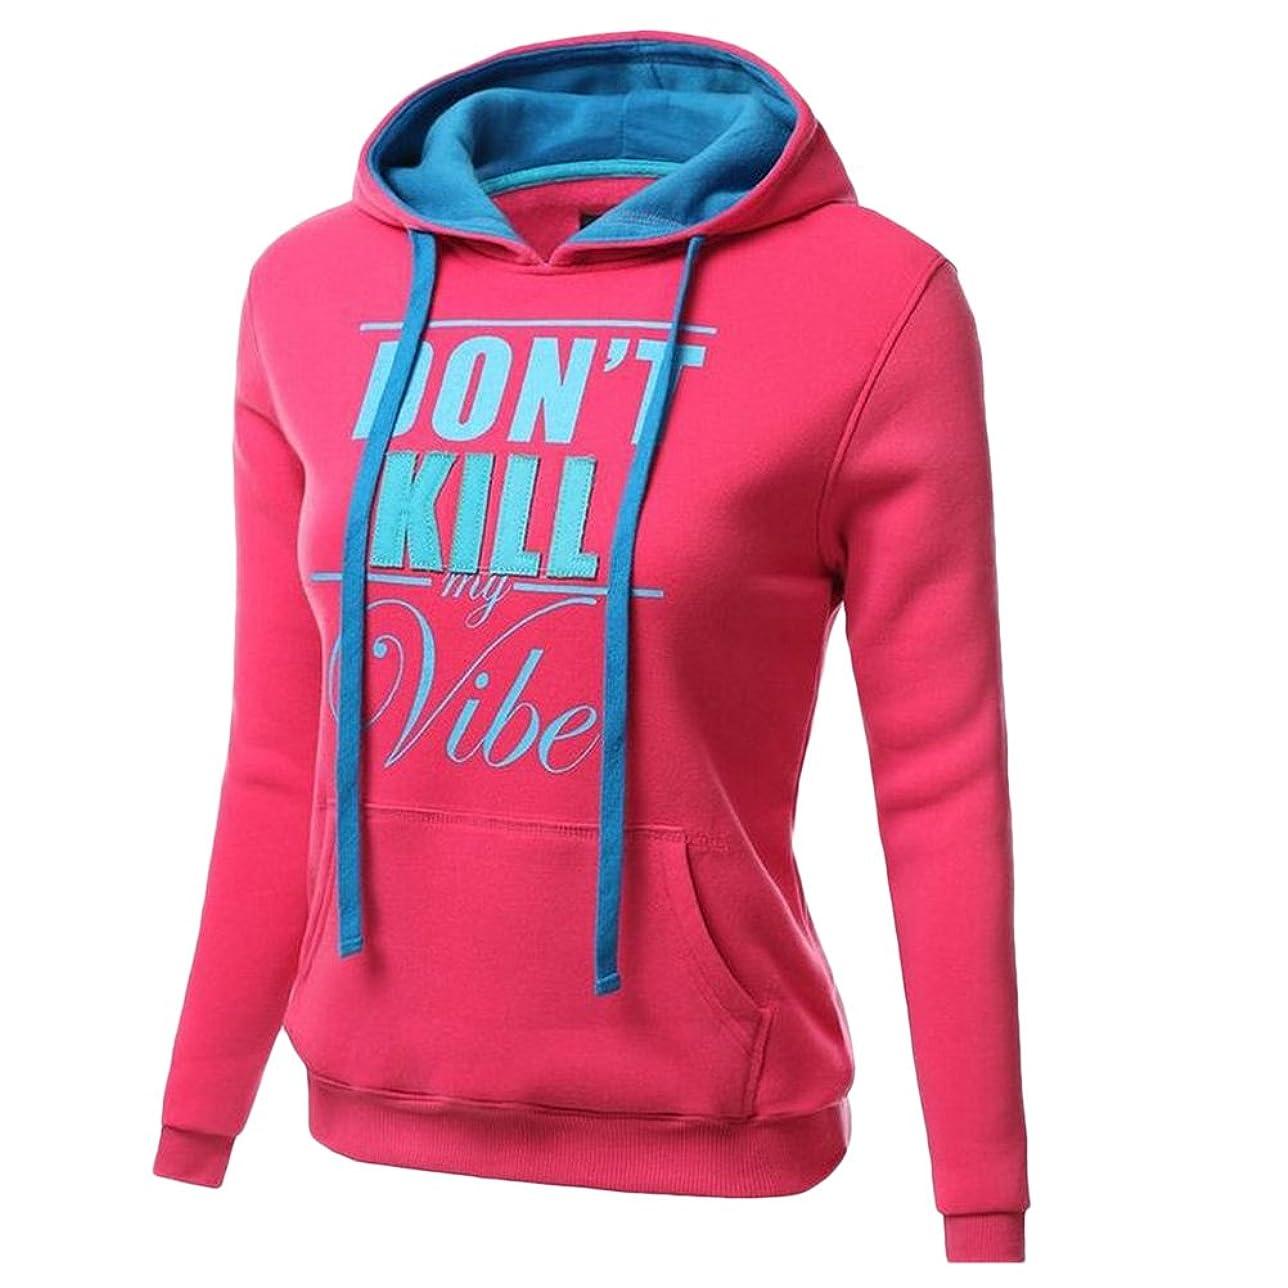 データハードウェアミリメートルファッション Casual Ladies Long Sleeves Shirt Warming Hooded Sweatshirt Slim Fit Beauty for レディース Womens Clothes